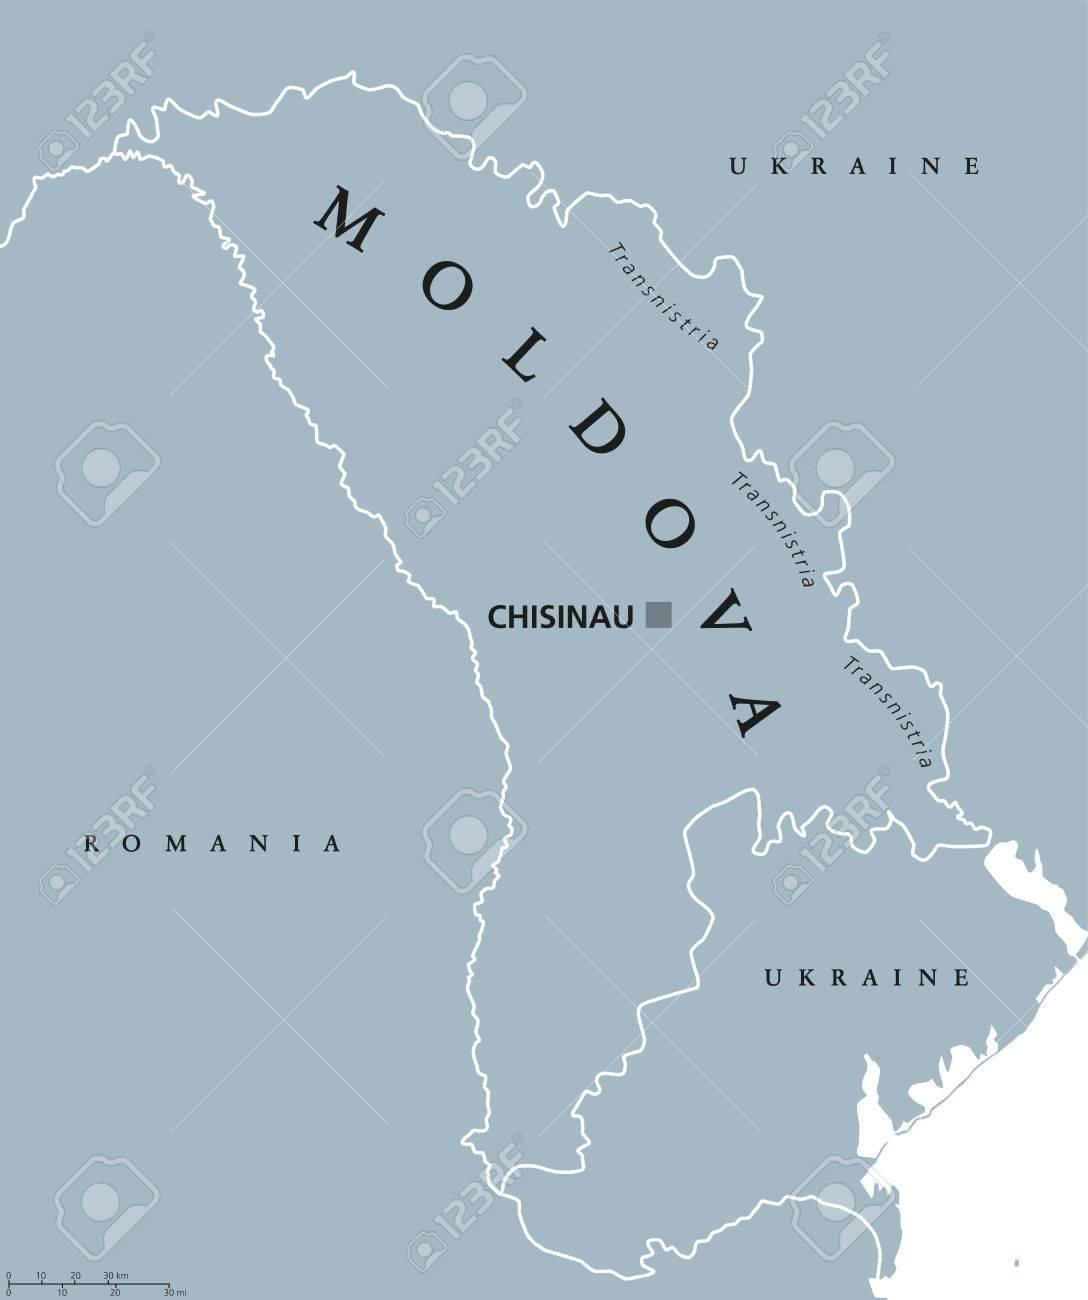 Carte Politique De La Moldavie Avec La Capitale Chisinau, La Transnistrie,  Les Frontières Nationales Et Les Voisins. Aussi Moldavie, République à Carte Europe Avec Capitale